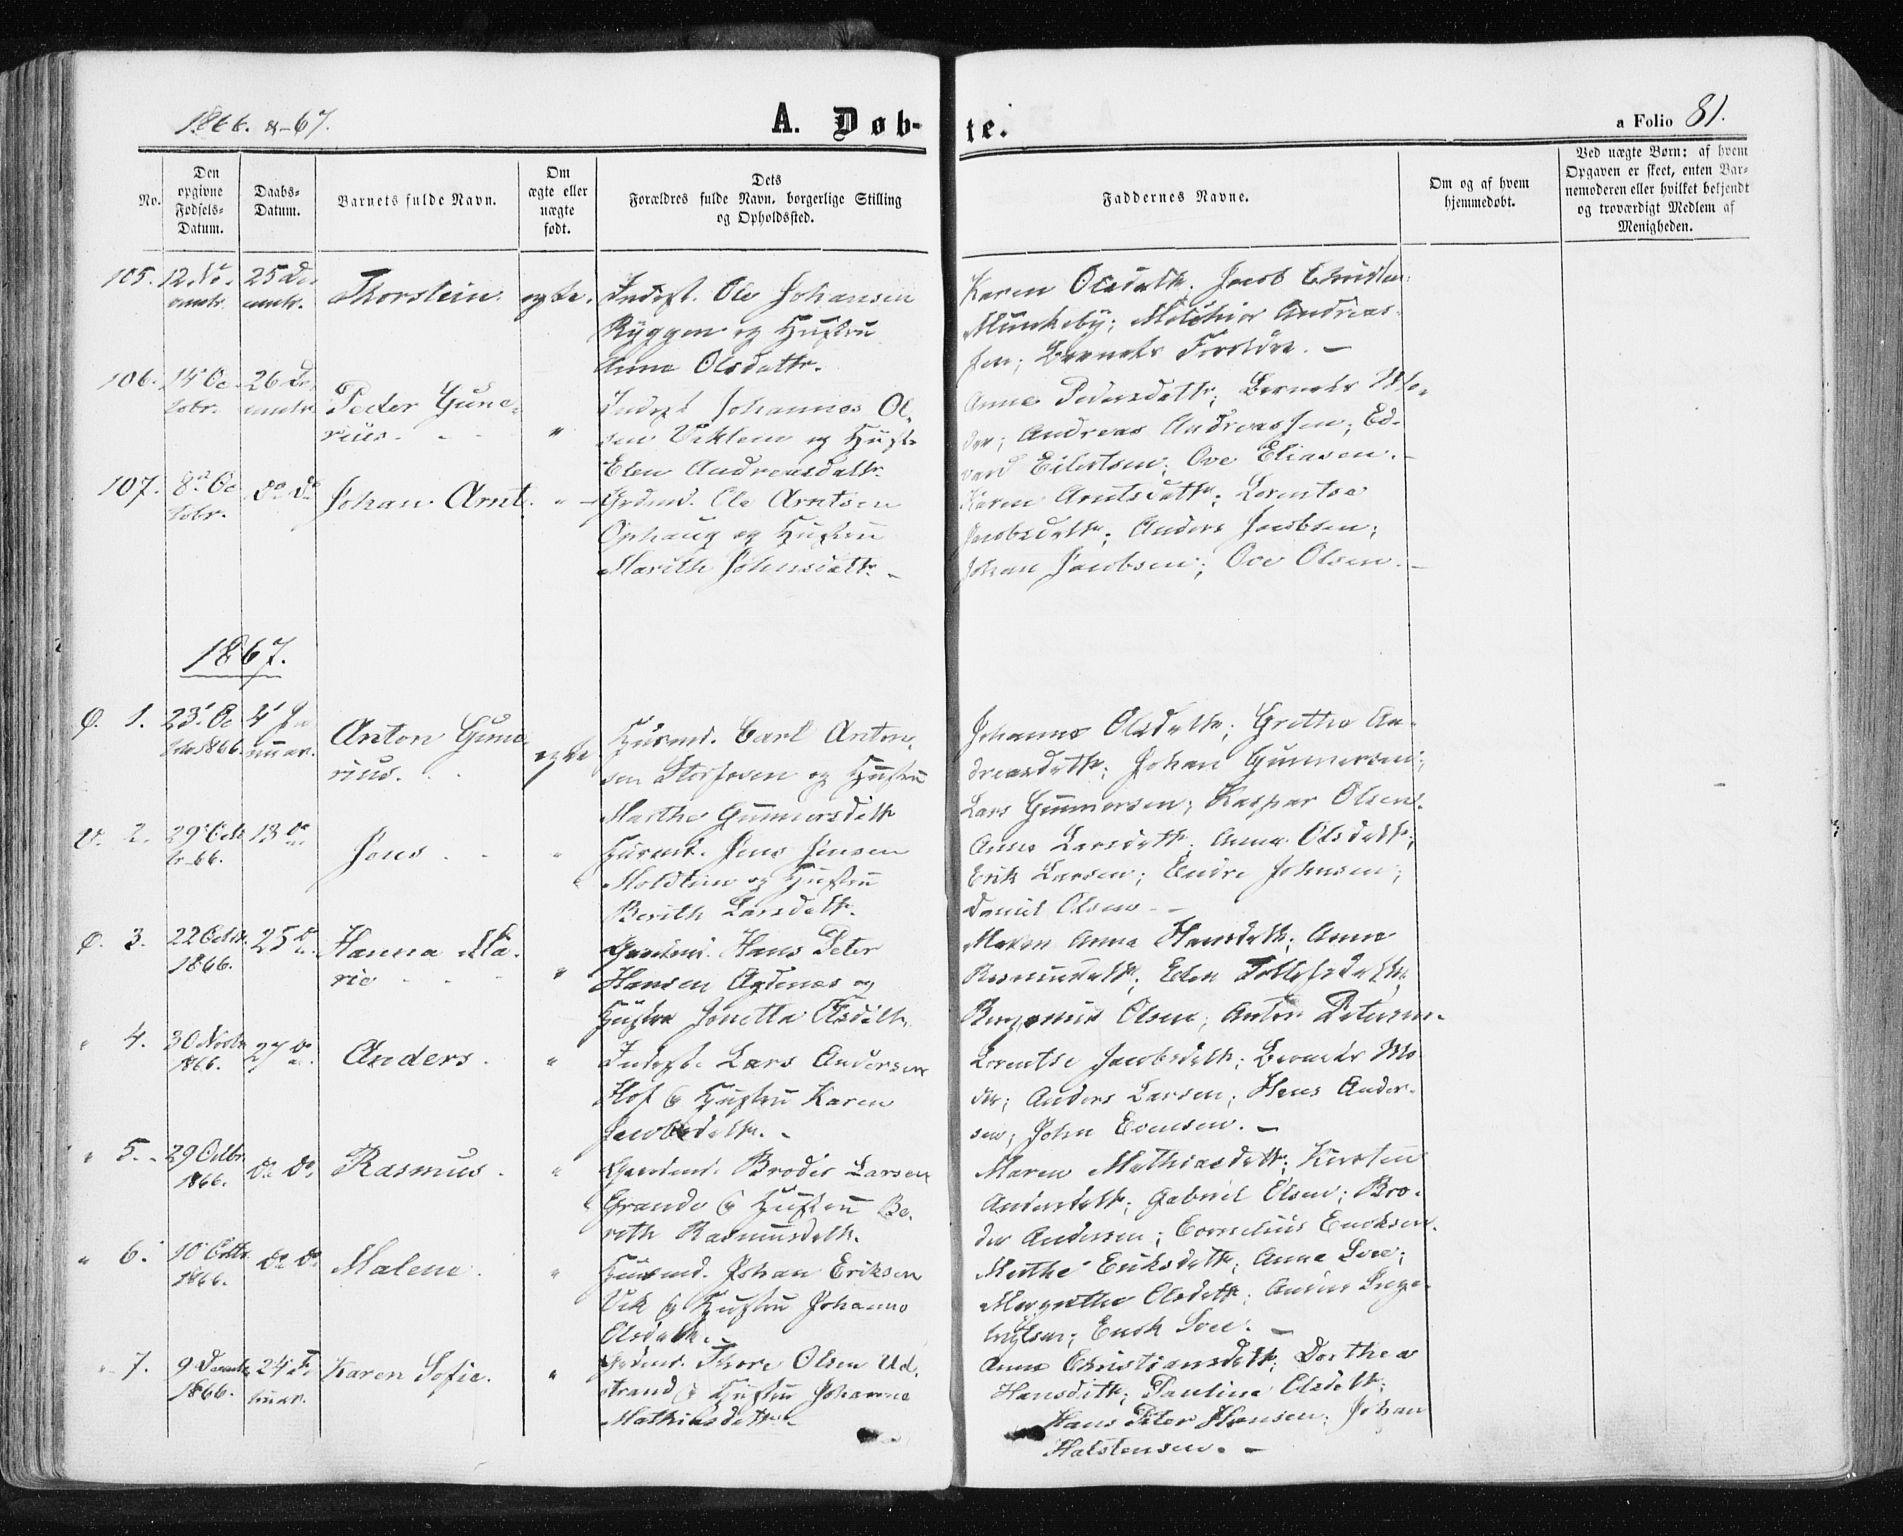 SAT, Ministerialprotokoller, klokkerbøker og fødselsregistre - Sør-Trøndelag, 659/L0737: Ministerialbok nr. 659A07, 1857-1875, s. 81